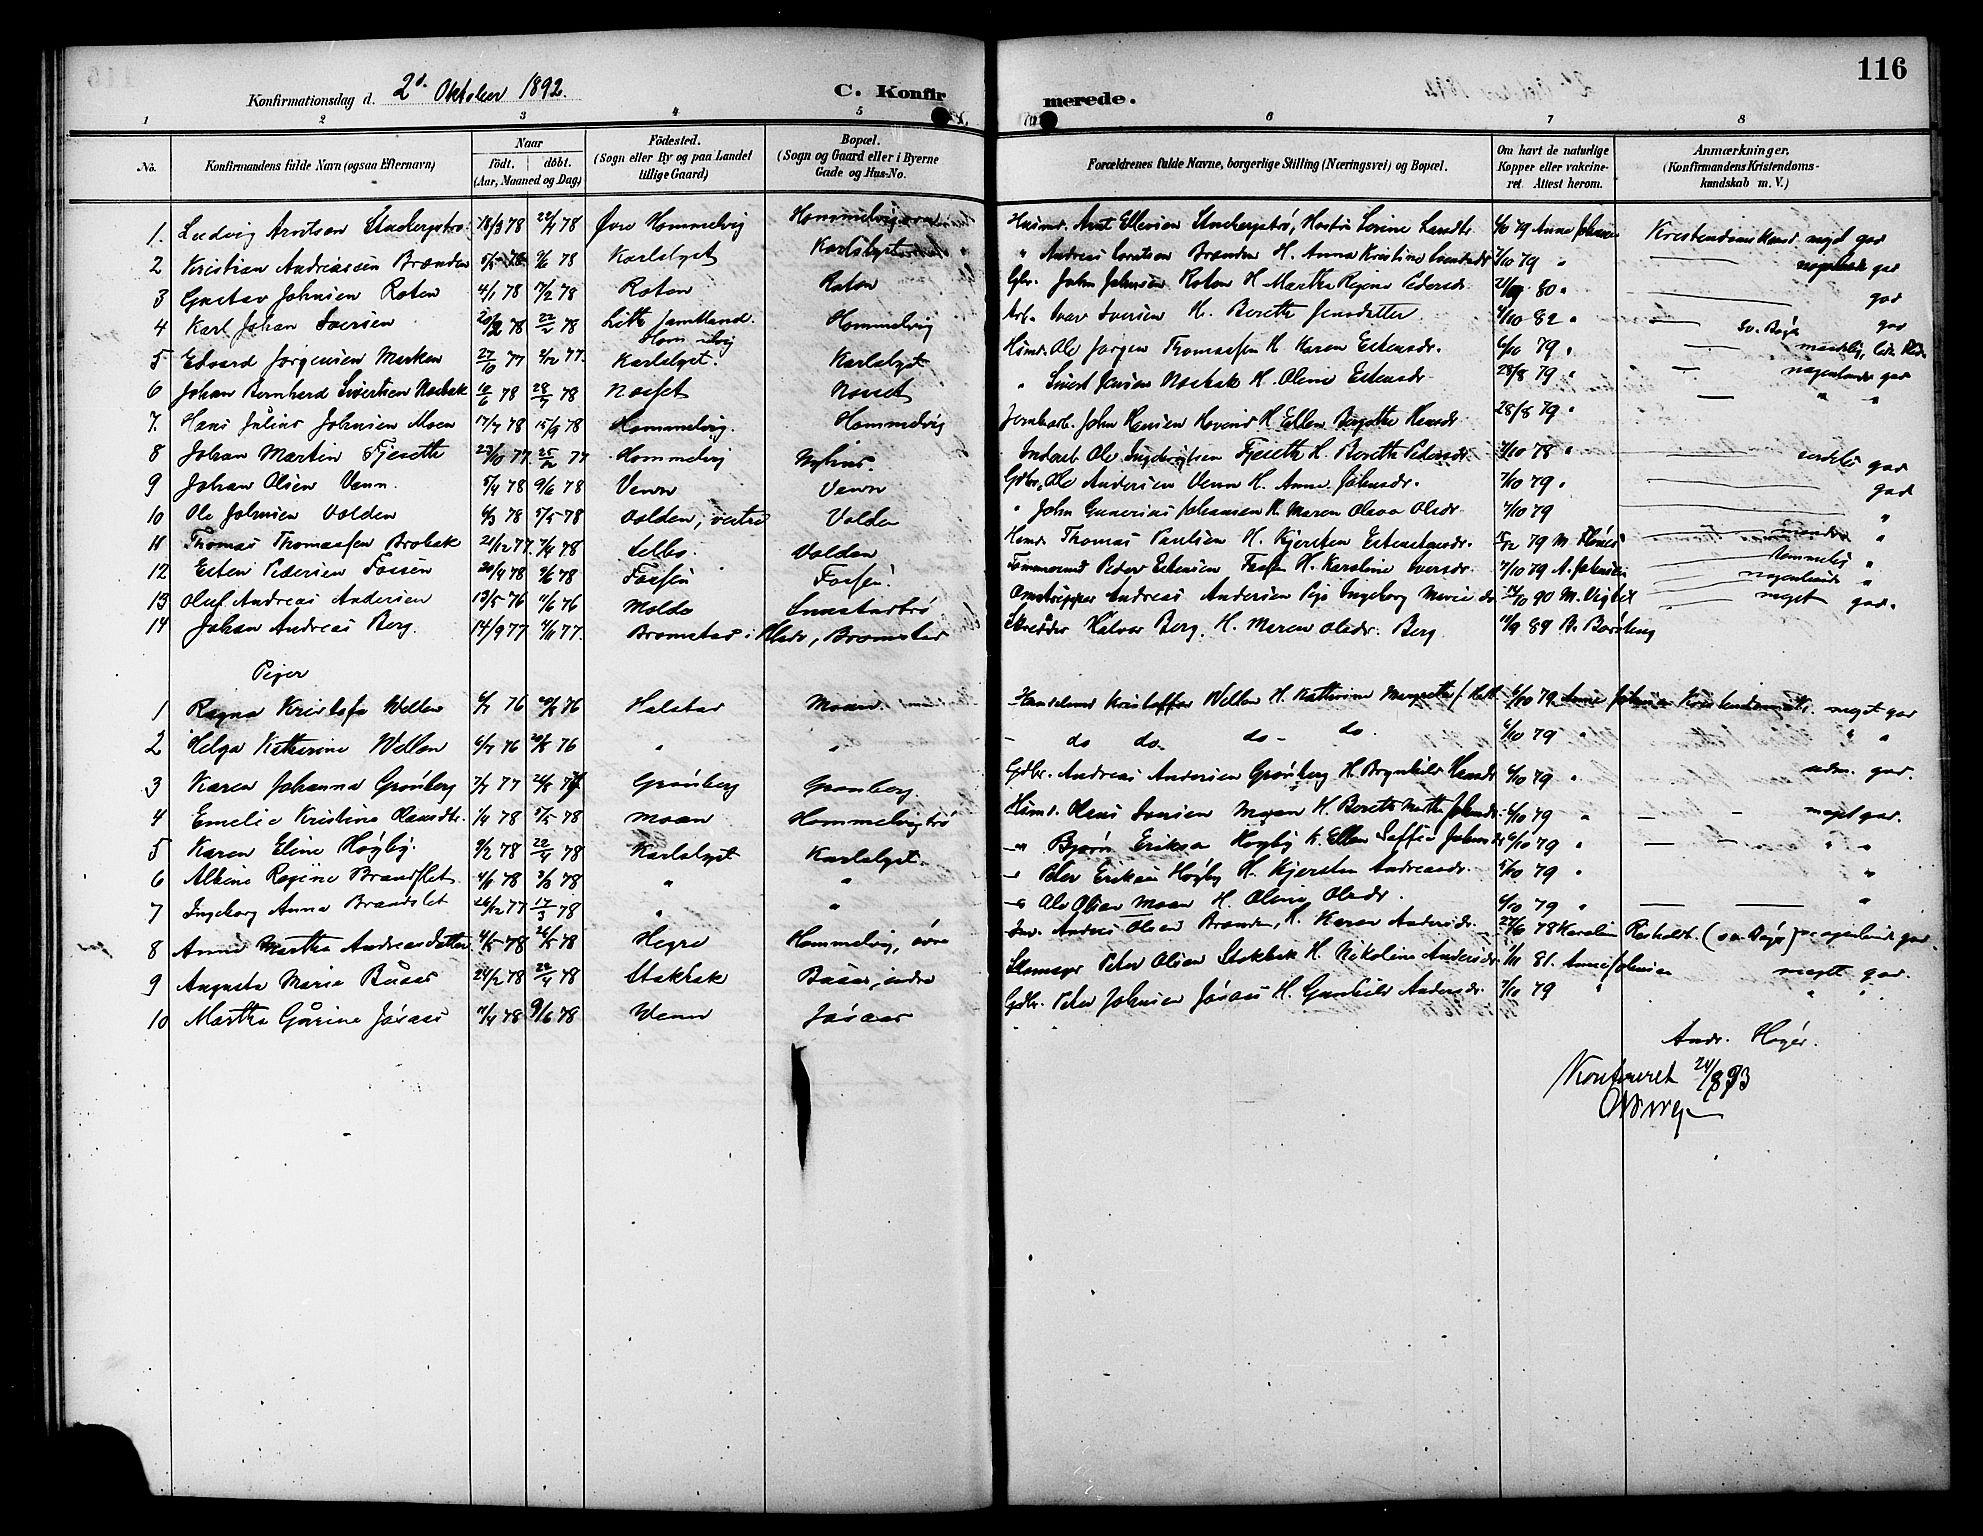 SAT, Ministerialprotokoller, klokkerbøker og fødselsregistre - Sør-Trøndelag, 617/L0431: Klokkerbok nr. 617C01, 1889-1910, s. 116